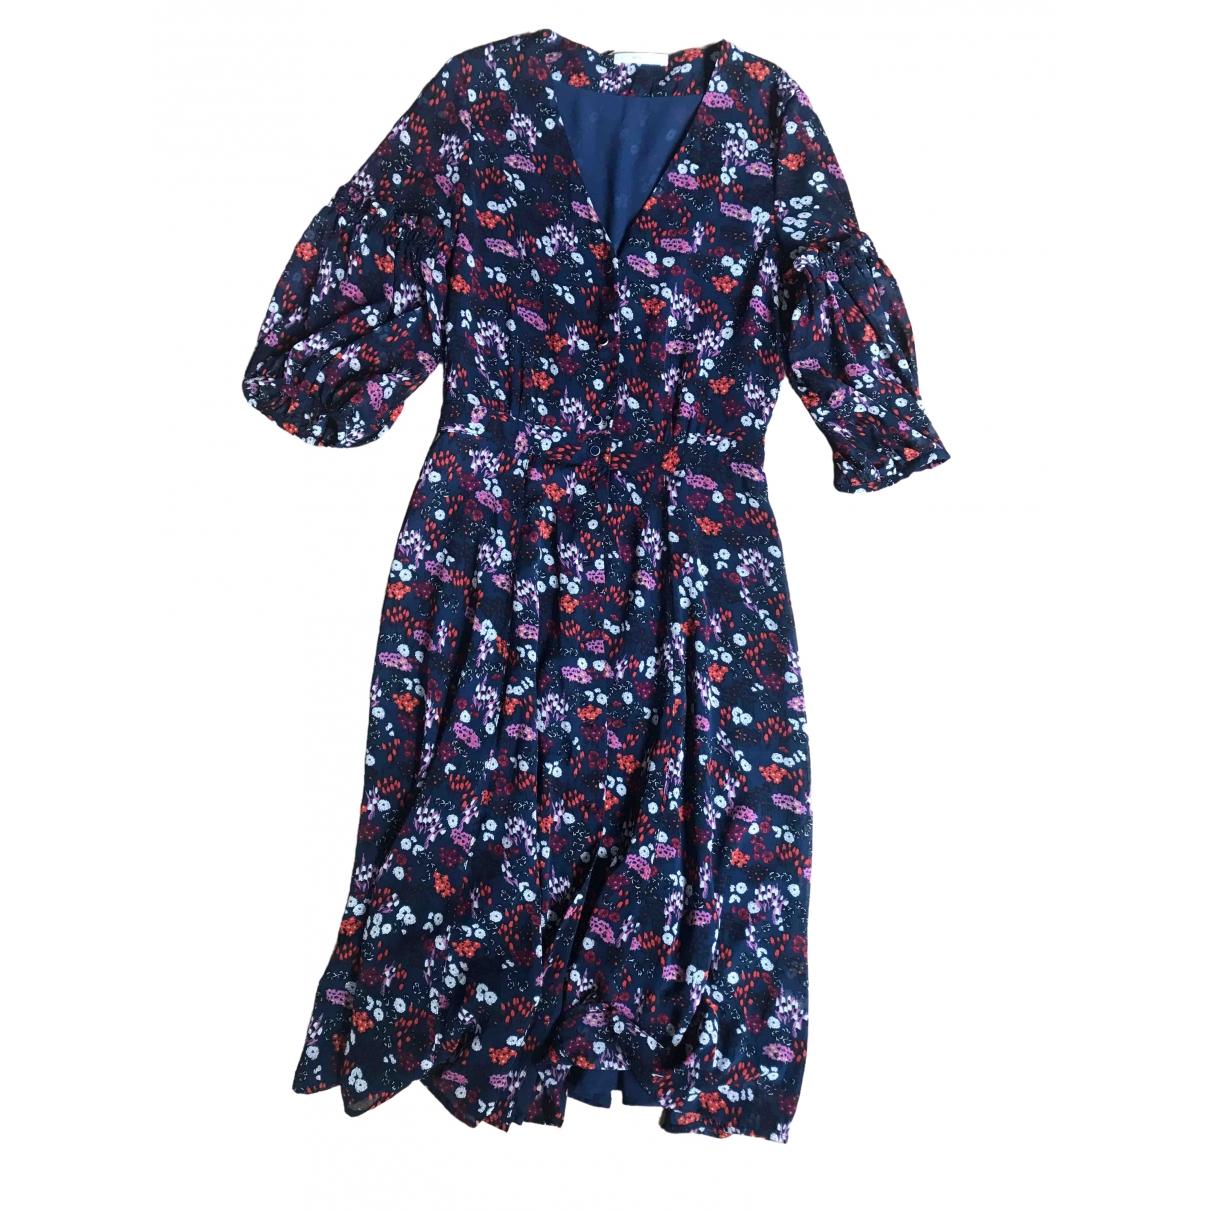 Sessun \N Kleid in  Blau Synthetik